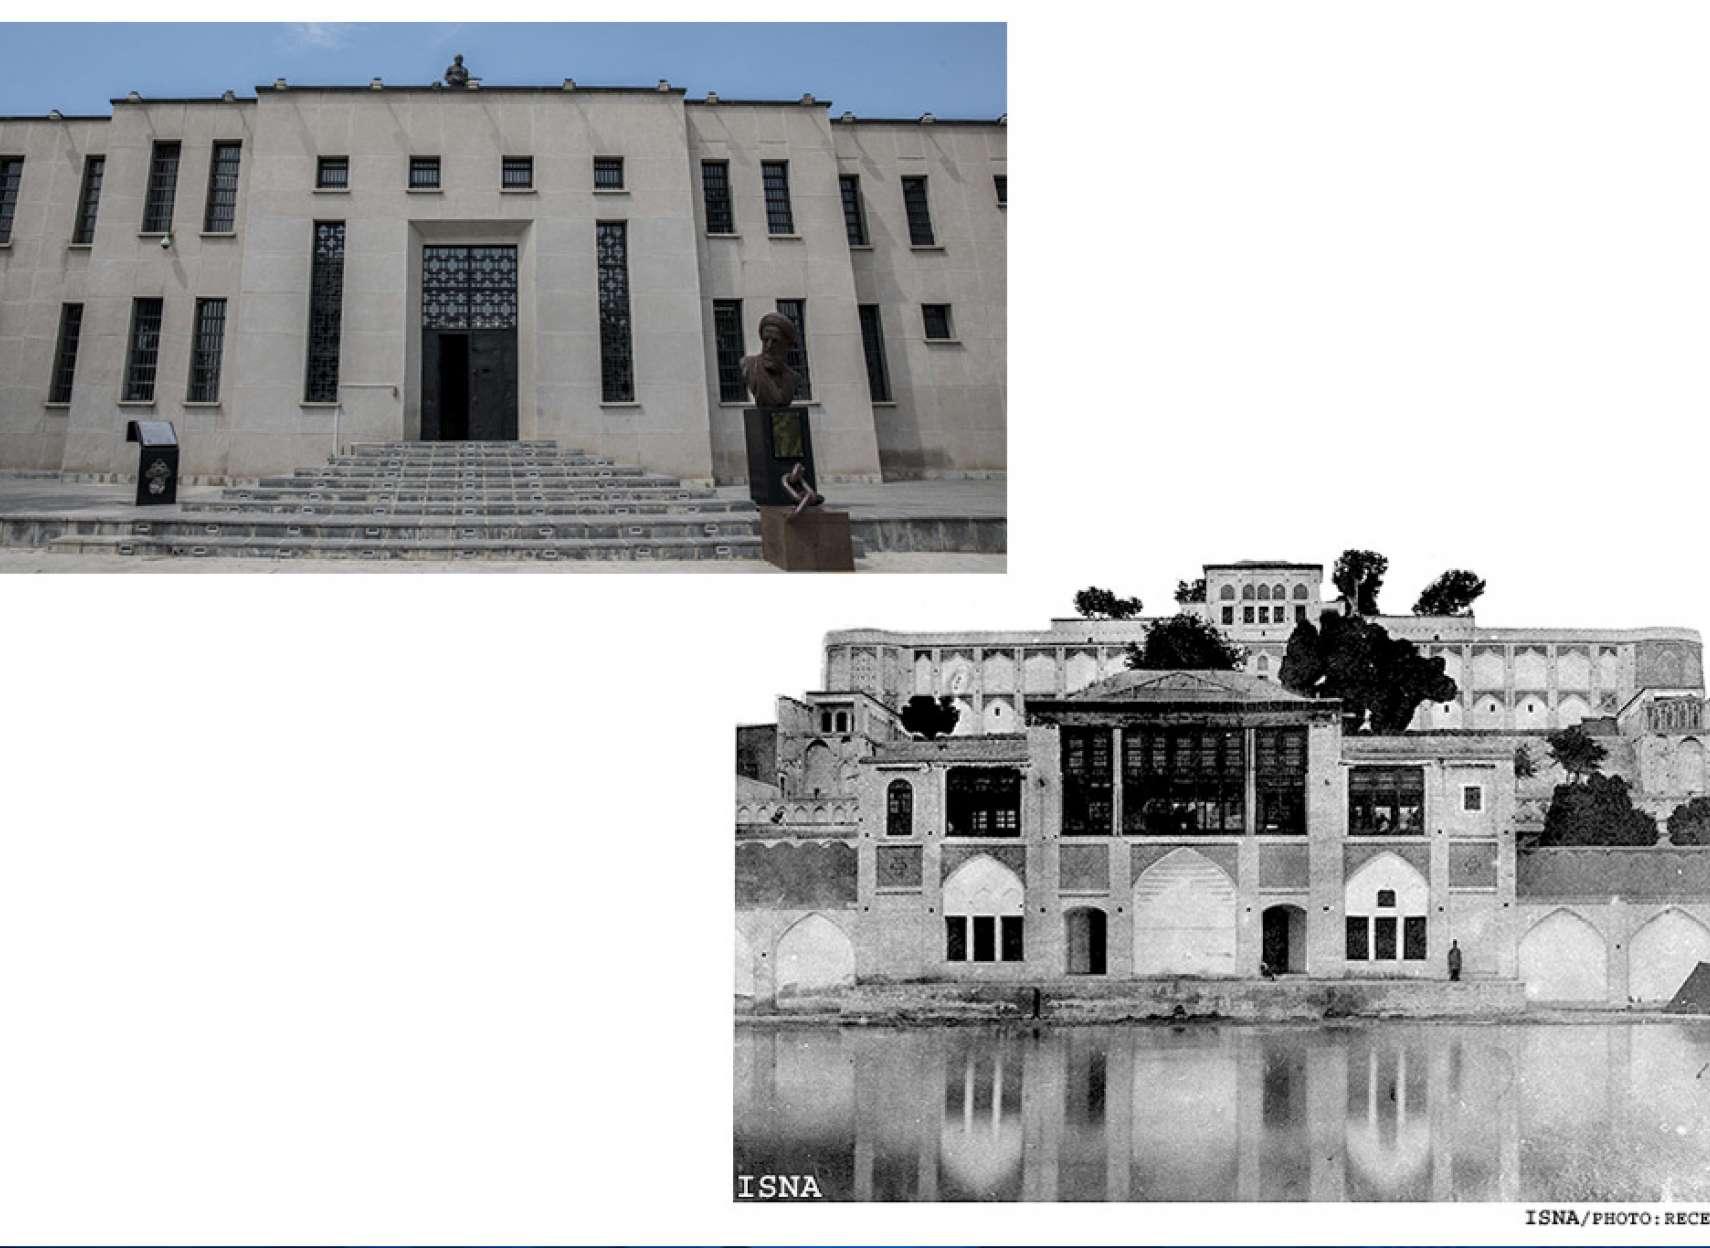 ادبیات-گلمحمدی-تاریخچه-زندان-قصر-و-یادها-و-خاطرههایی-از-آن